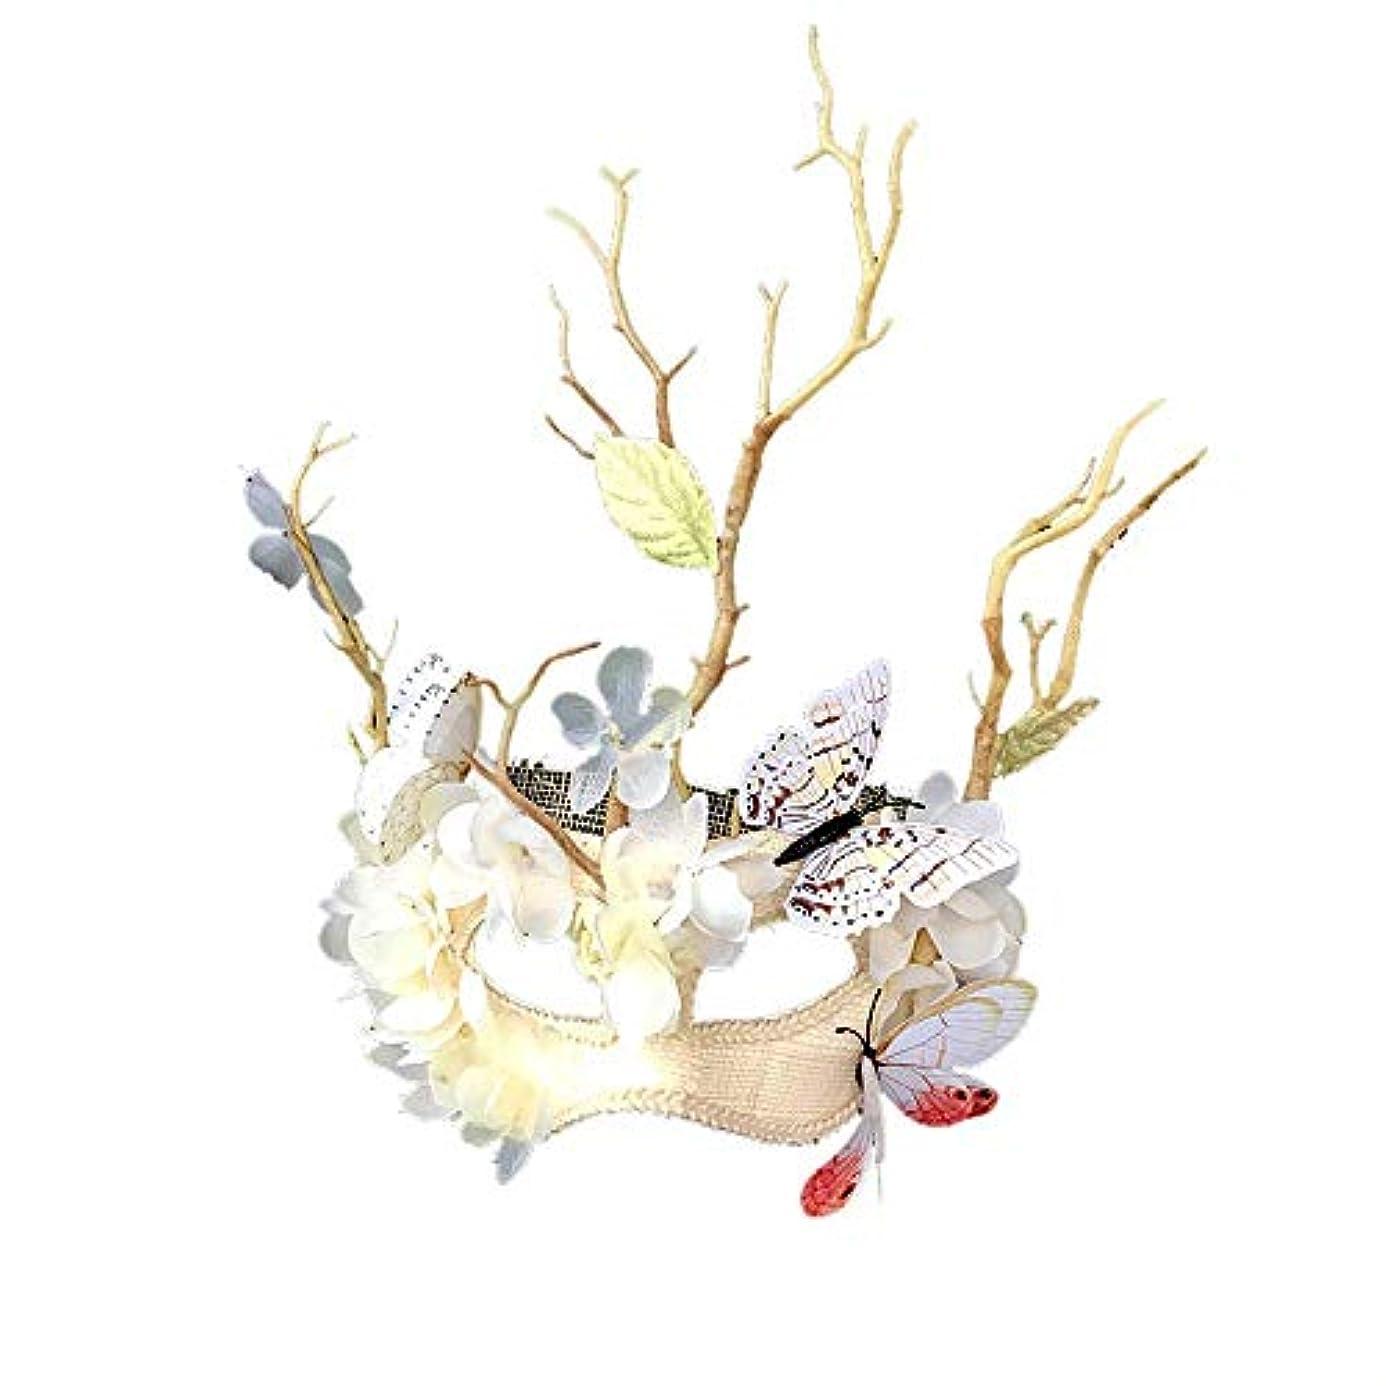 くま値下げ連邦Nanle ハロウィンの蝶の木ブランチマスク仮装マスクレディミスプリンセス美容祭パーティーデコレーション (色 : ベージュ)